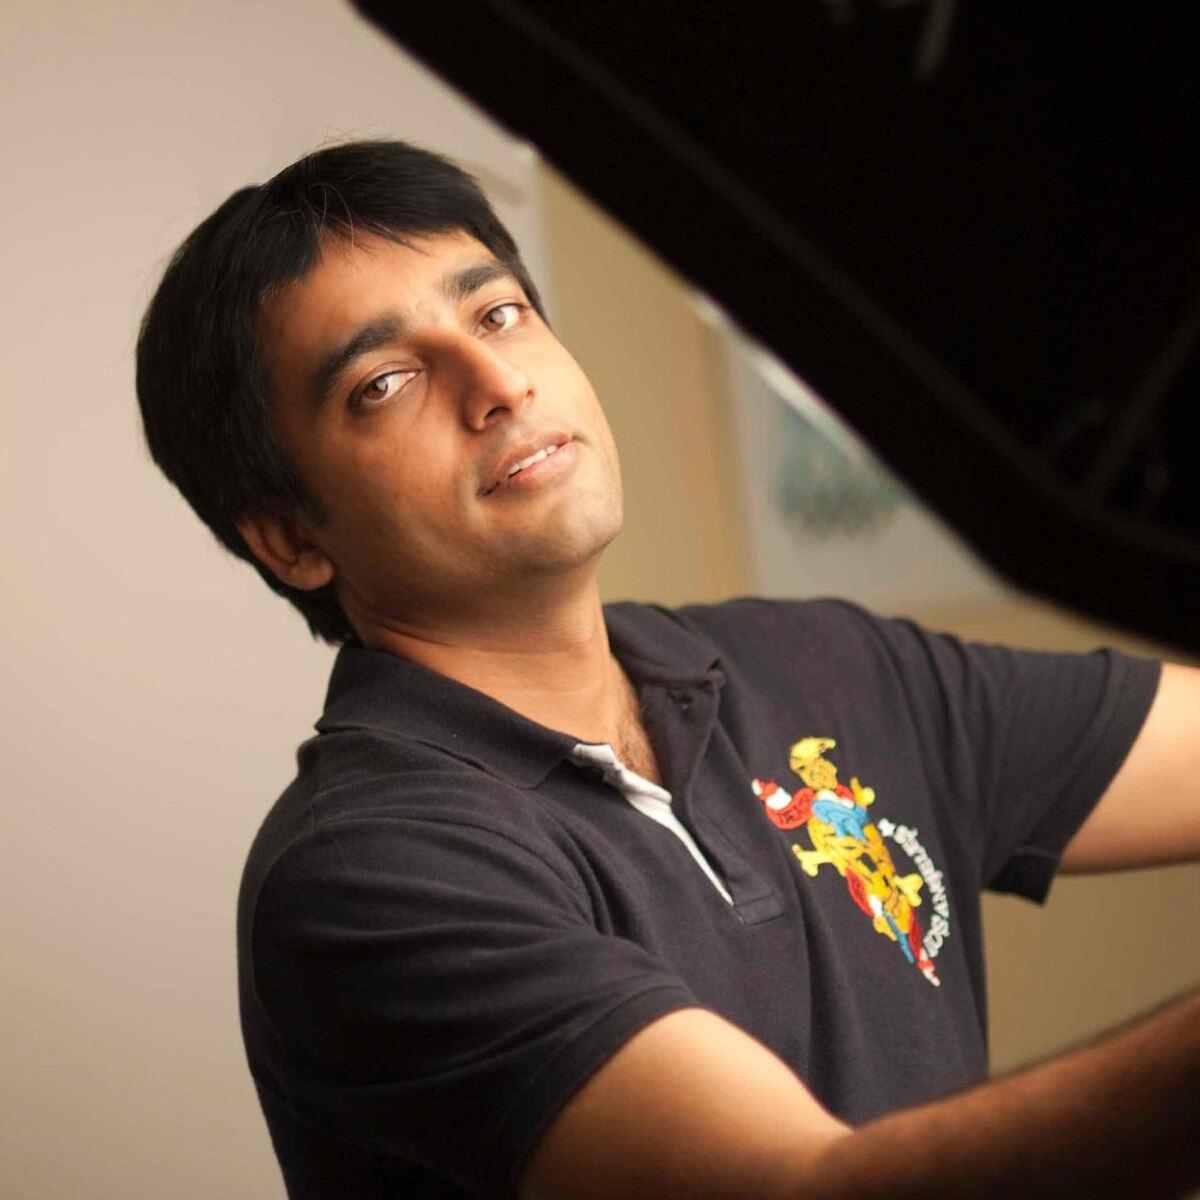 Vinay Panjwani